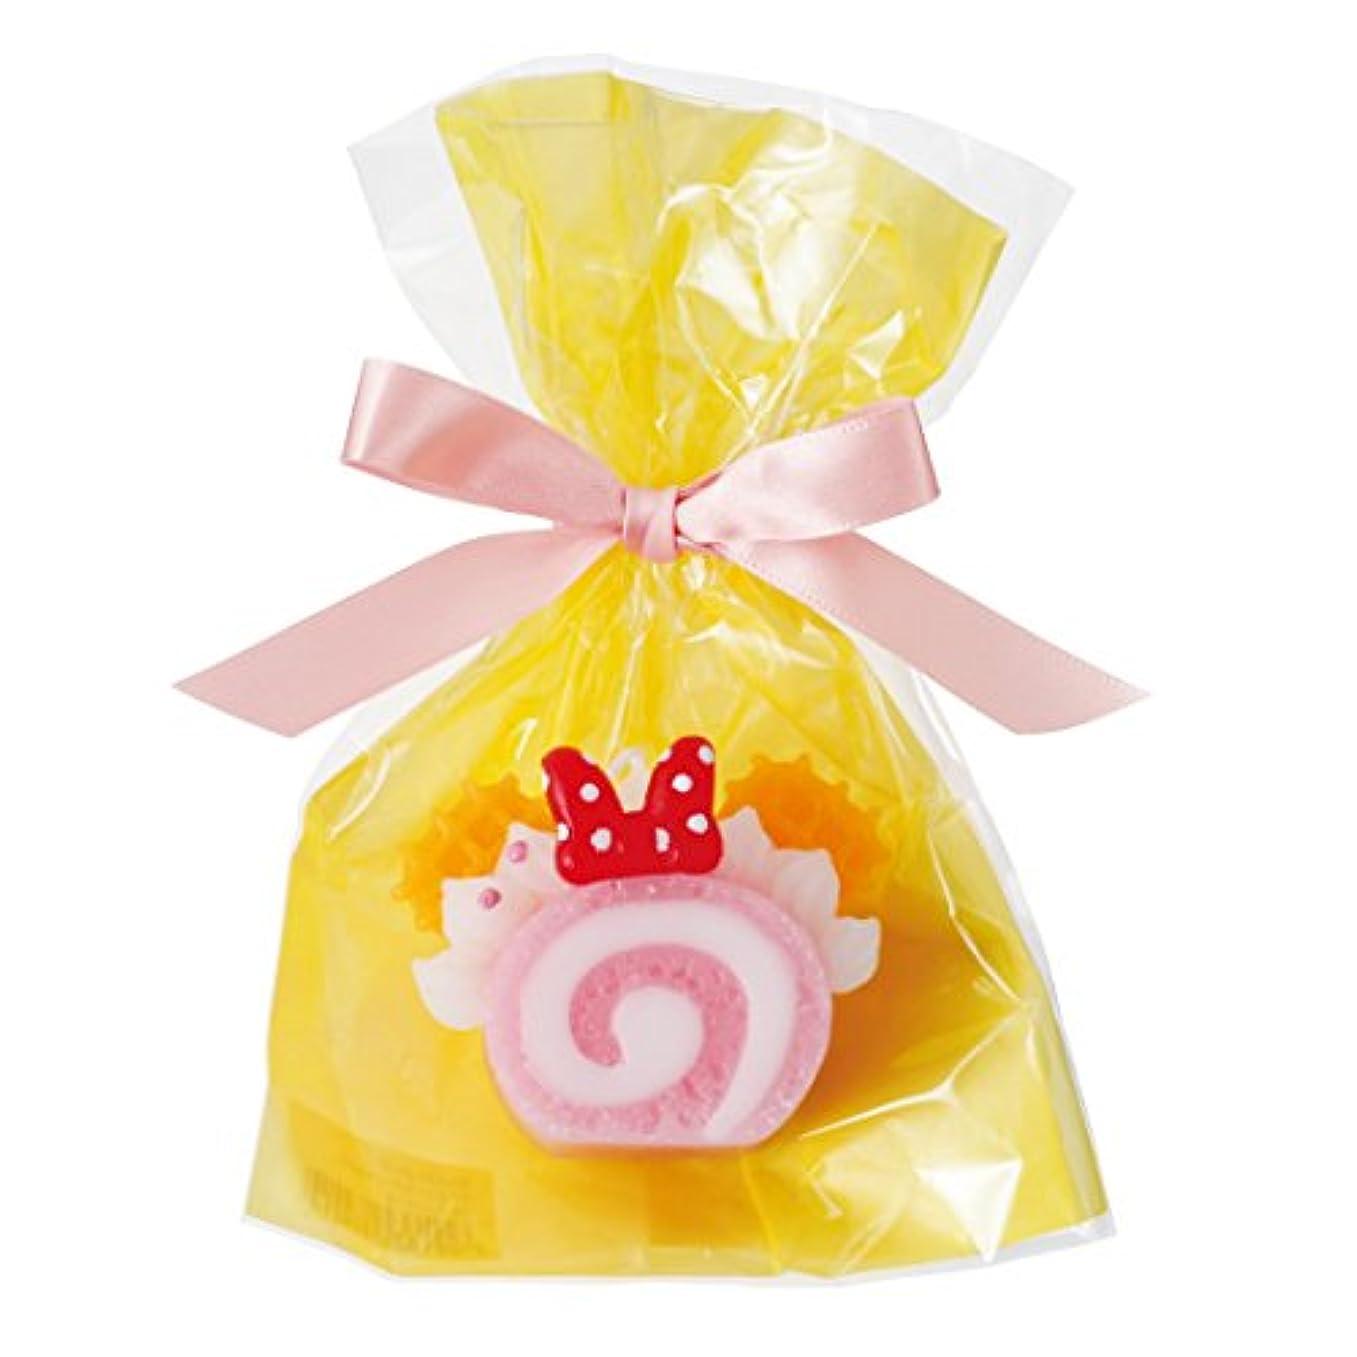 バーベキュー消費清めるディズニースイーツキャンドル 「 ピンクロールケーキ 」